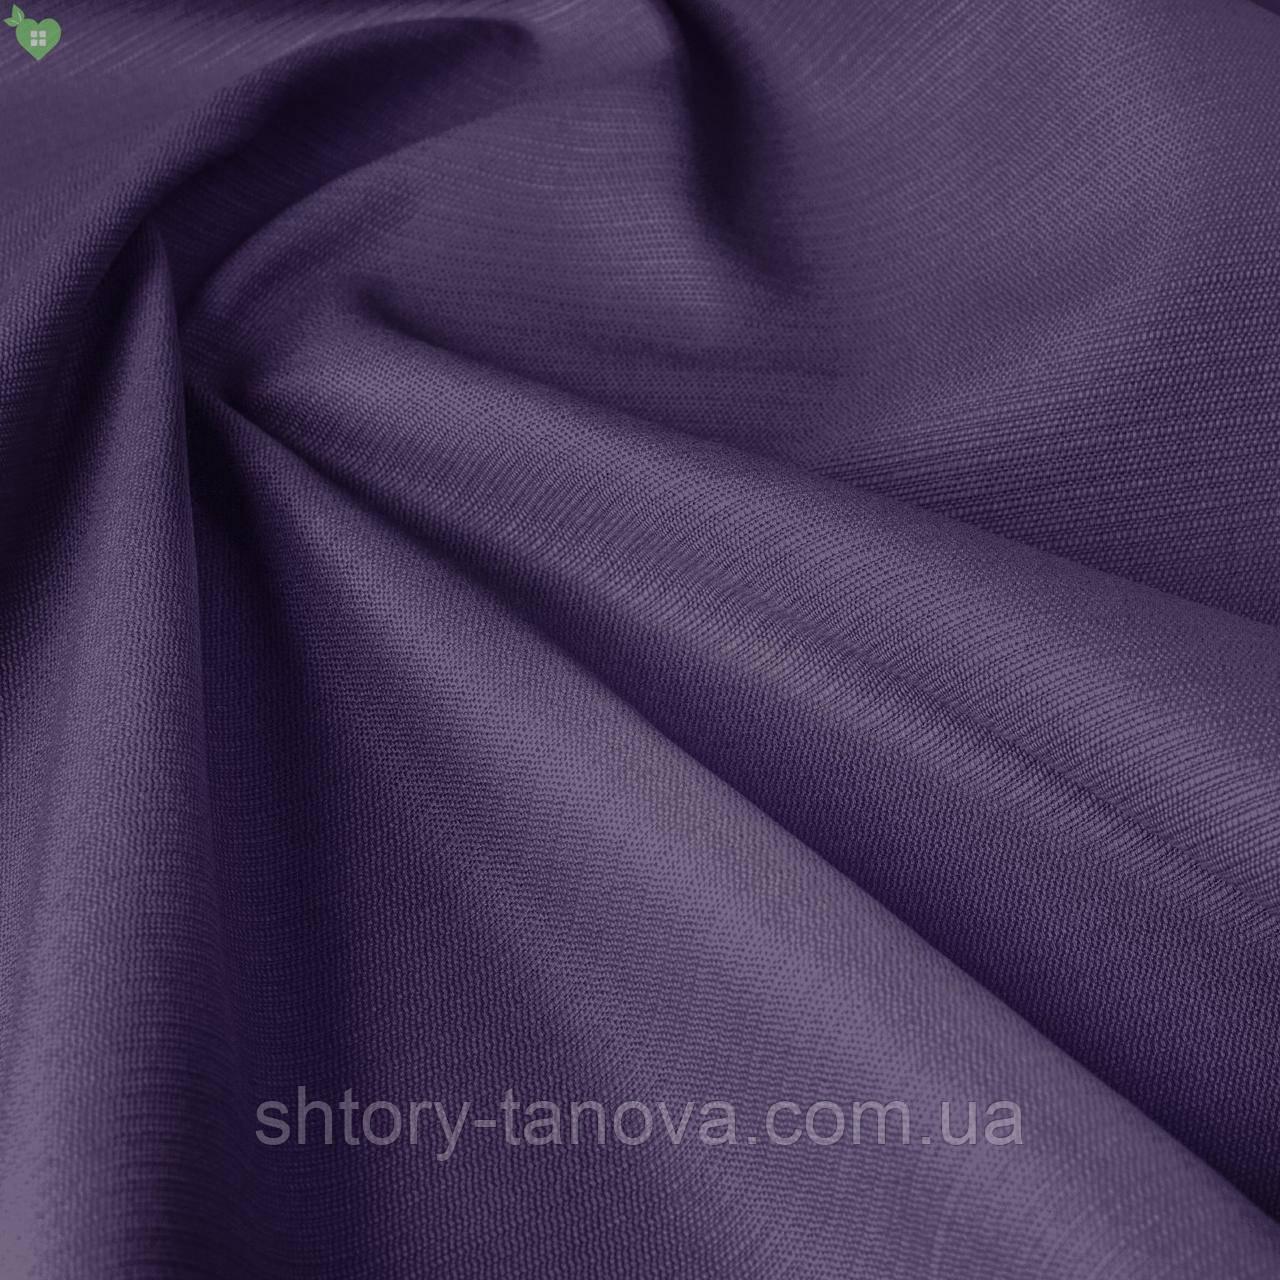 Уличная ткань с фактурой фиолетового цвета на подушку под уличную мебель